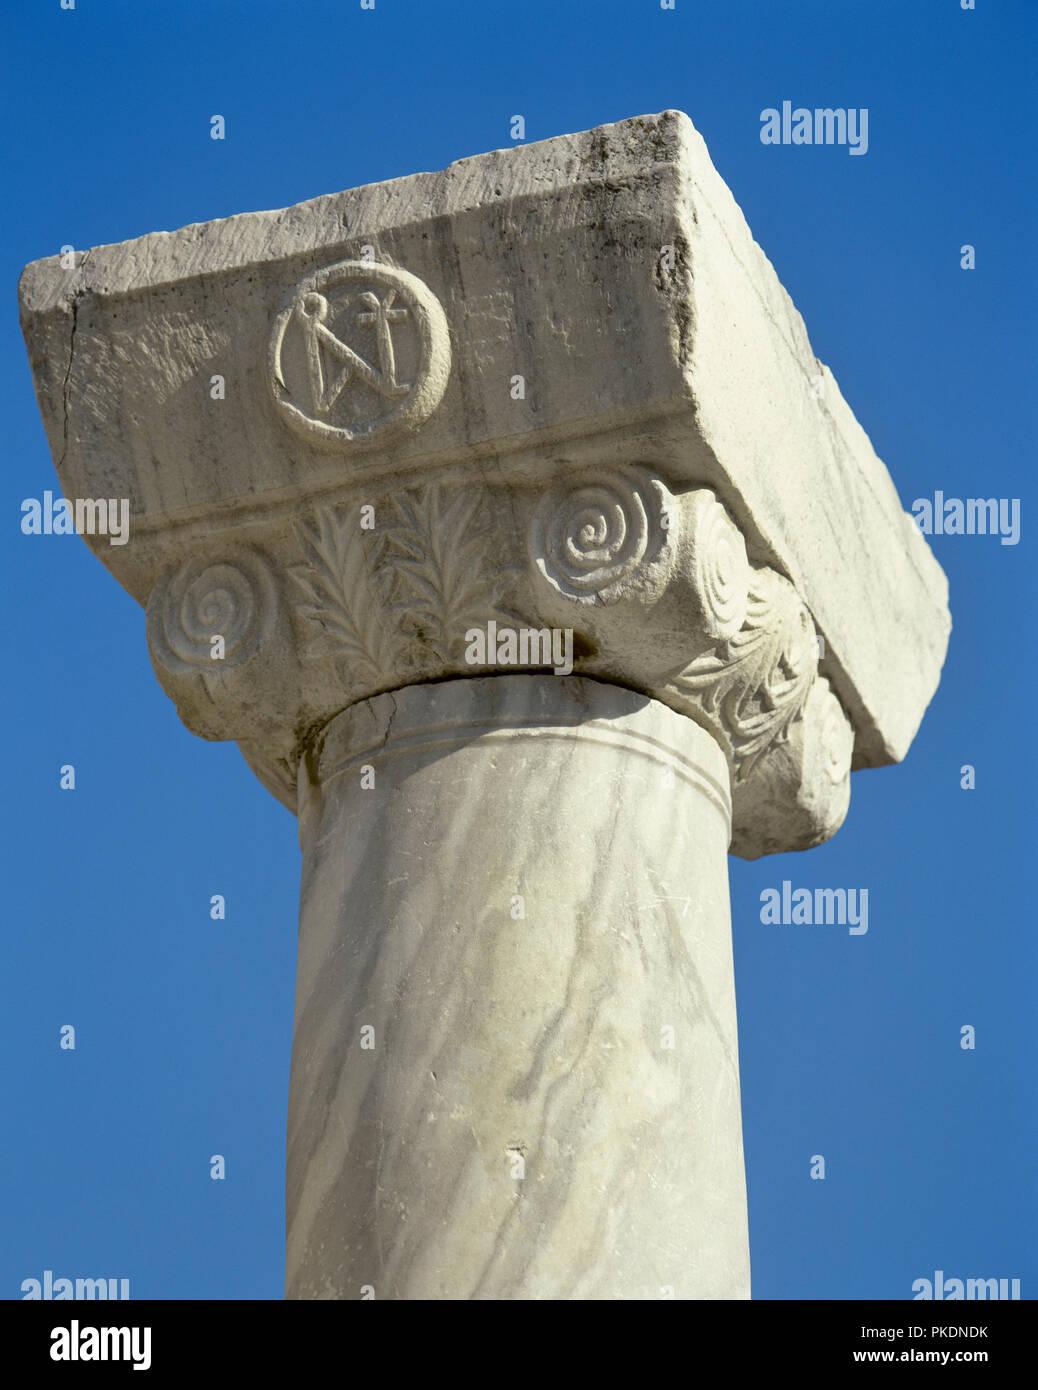 La Turquie. La province d'Izmir. Selcuk. Basilique de Saint John. Il a été construit par Justinien, 6e siècle, et transformée en mosquée en 1330, détruit par Timur lorsqu'il conquit la ville en 1402. Détail d'un chapiteau avec monogramme de l'empereur Justinien (483-565). Photo Stock